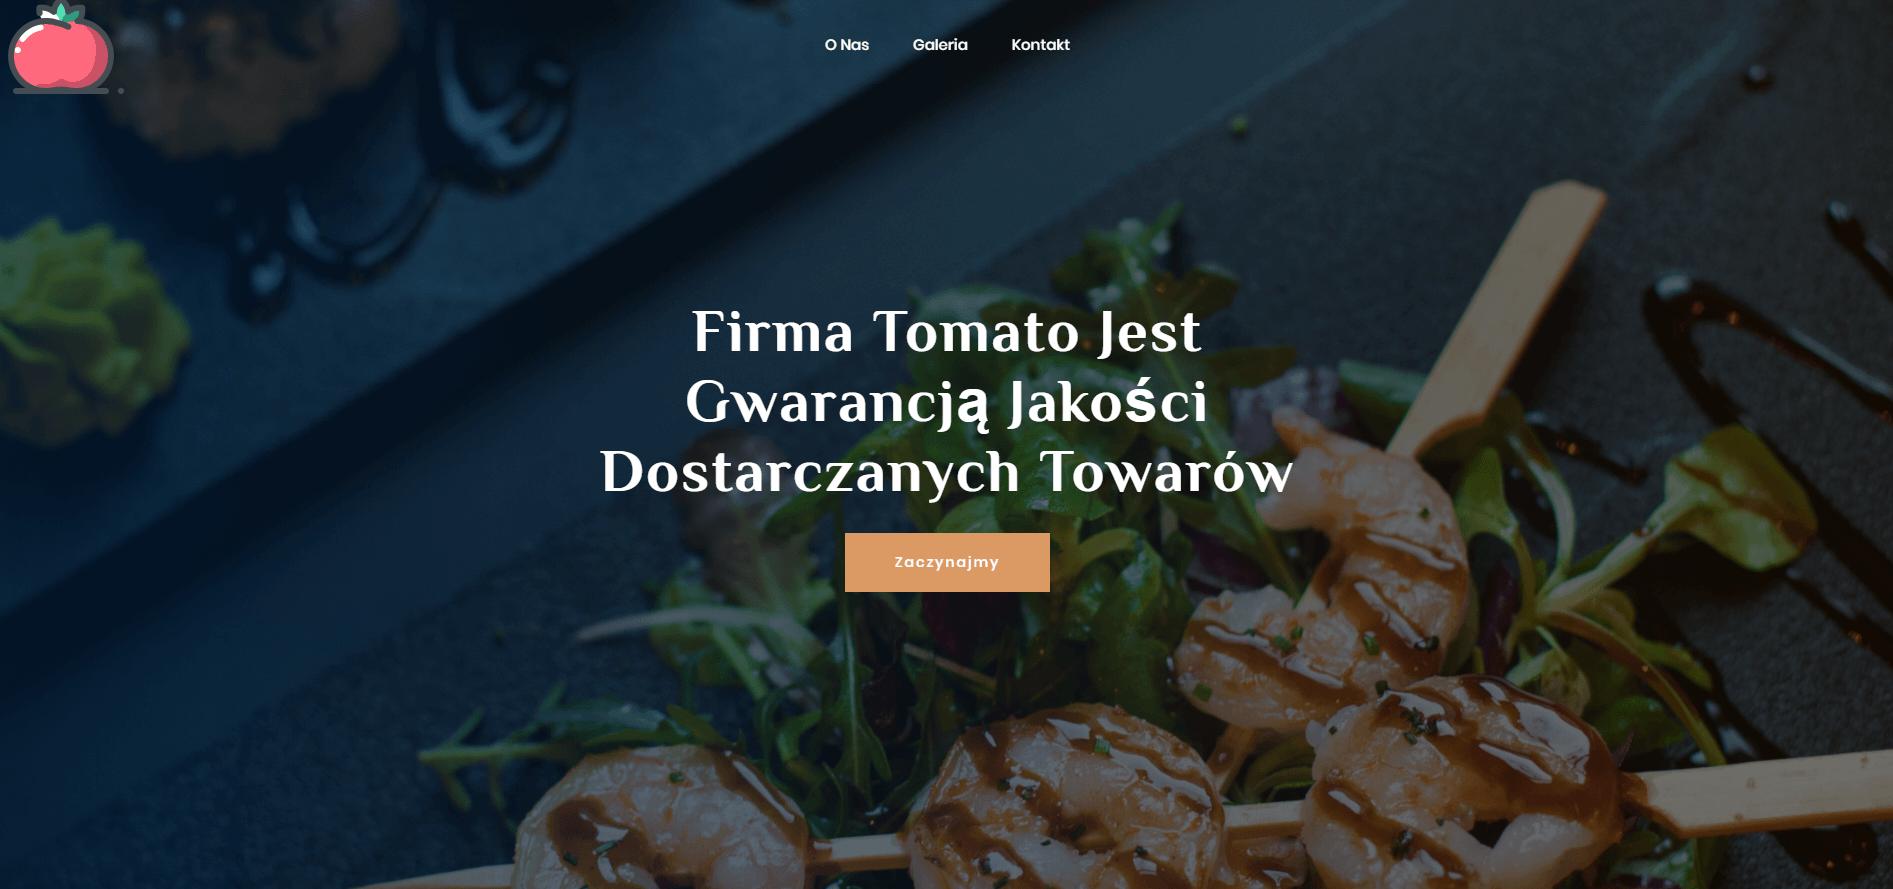 Zrzut ekranu ze strony tomato.com.pl